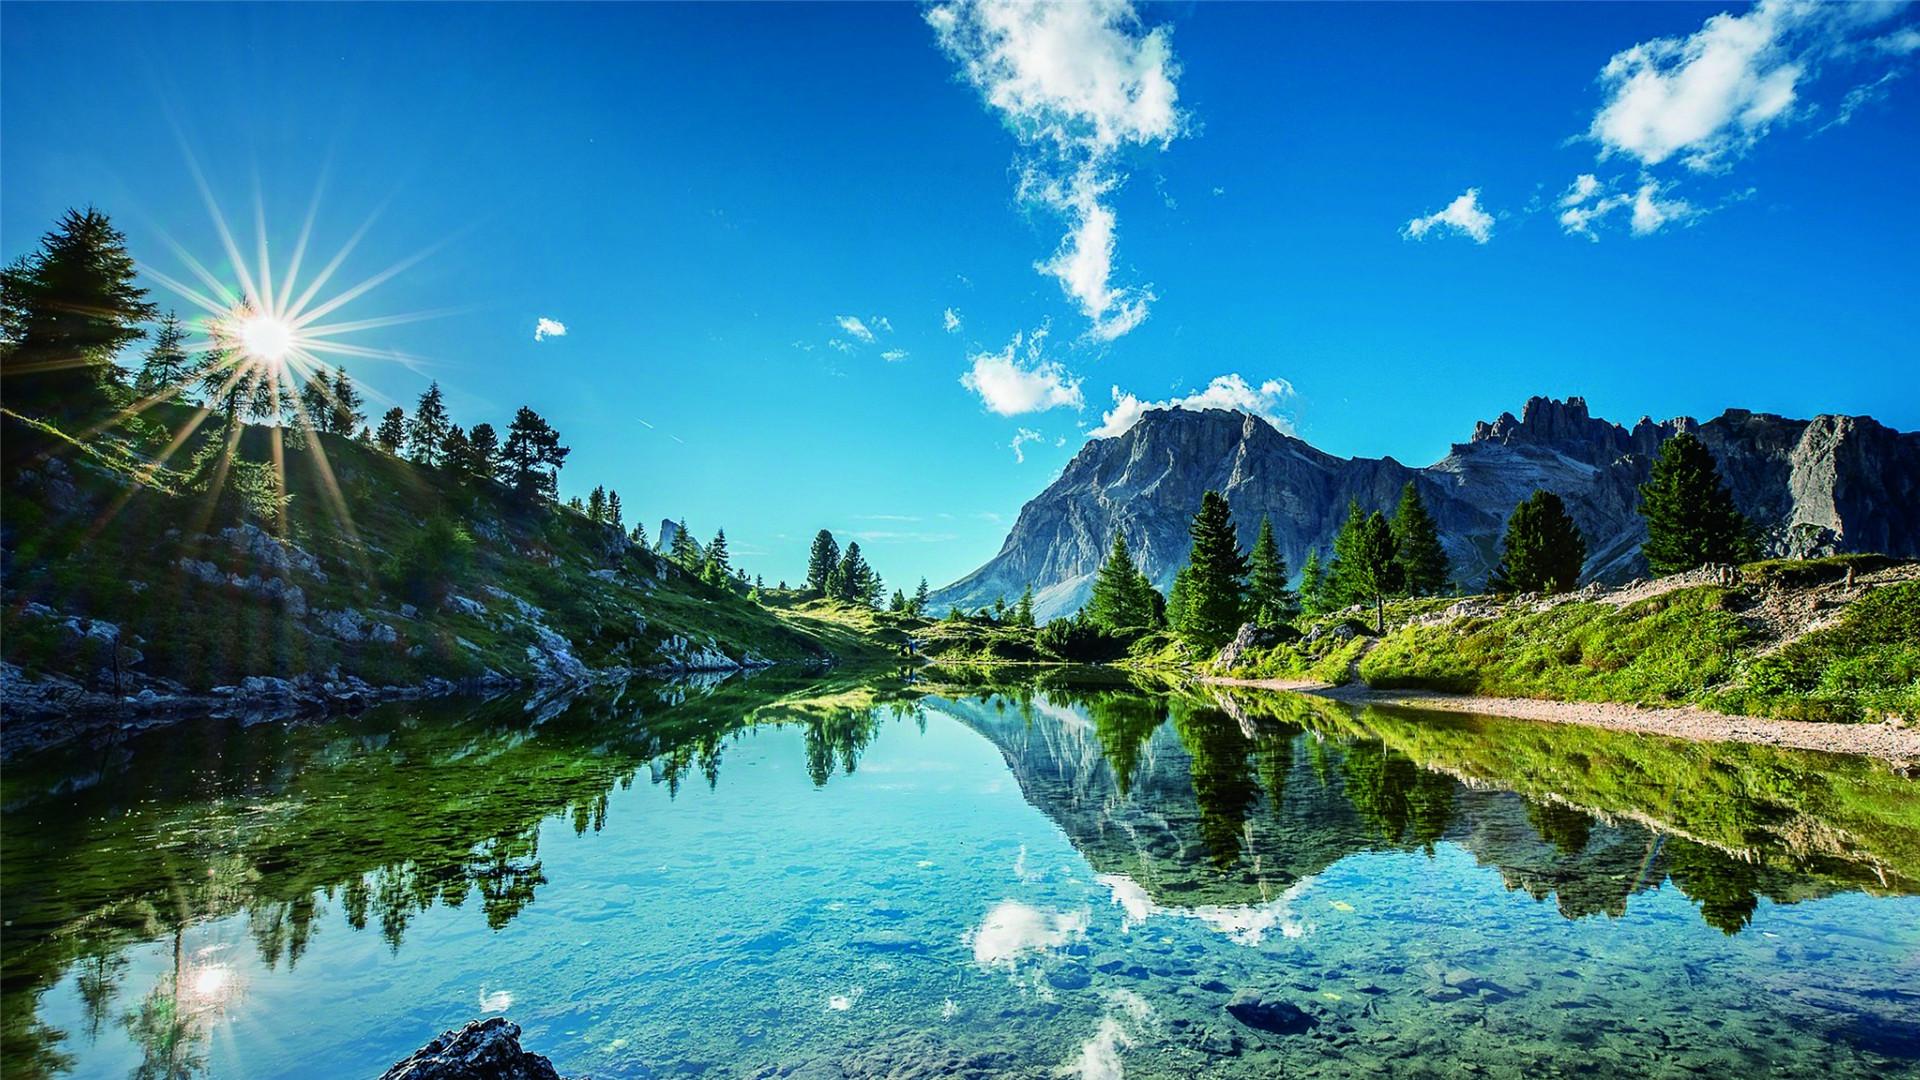 [方寸之间]方寸之间有绝美的风景,男人的梦想之地,绝美的嫩b~ 17